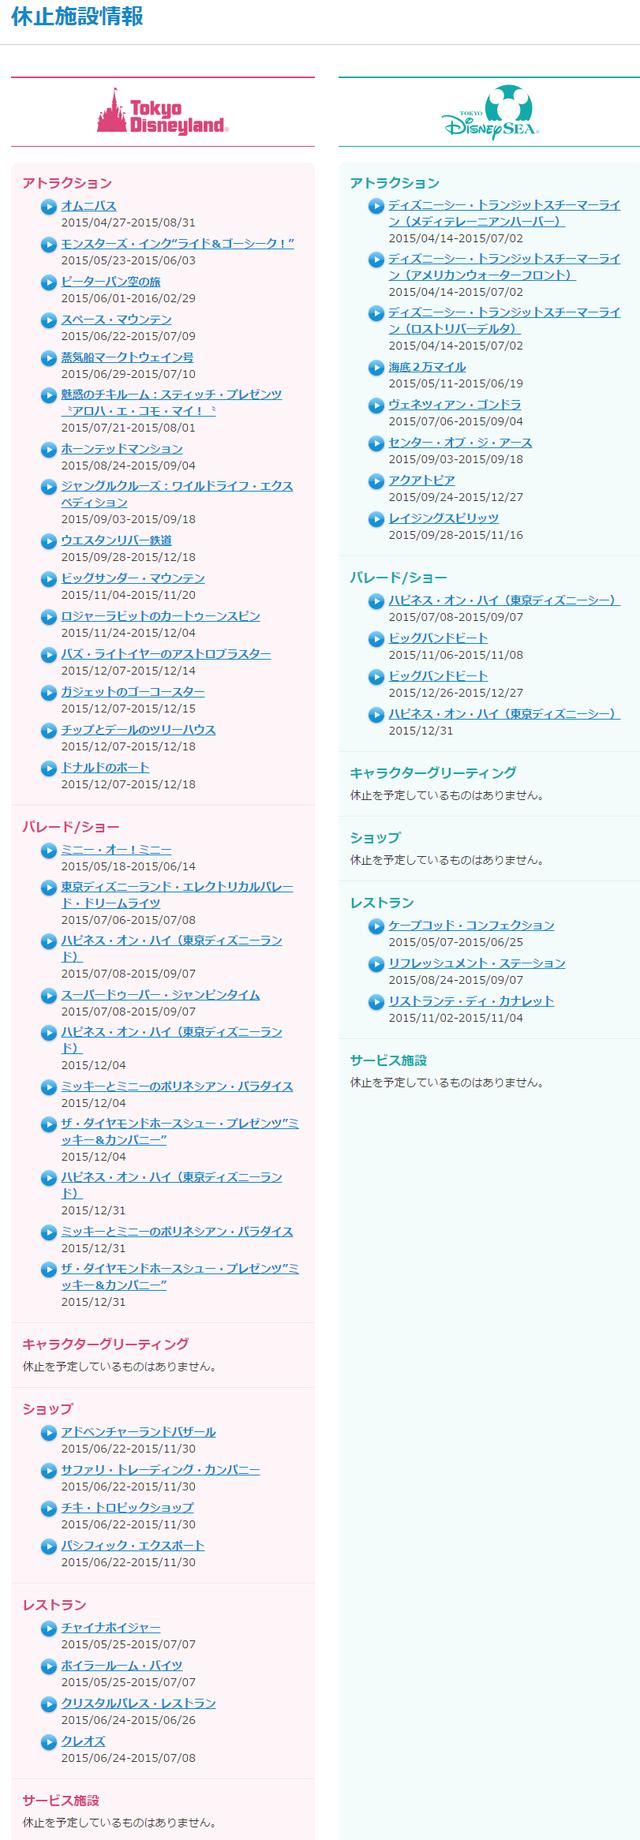 【公式】休止施設情報|東京ディズニーリゾート